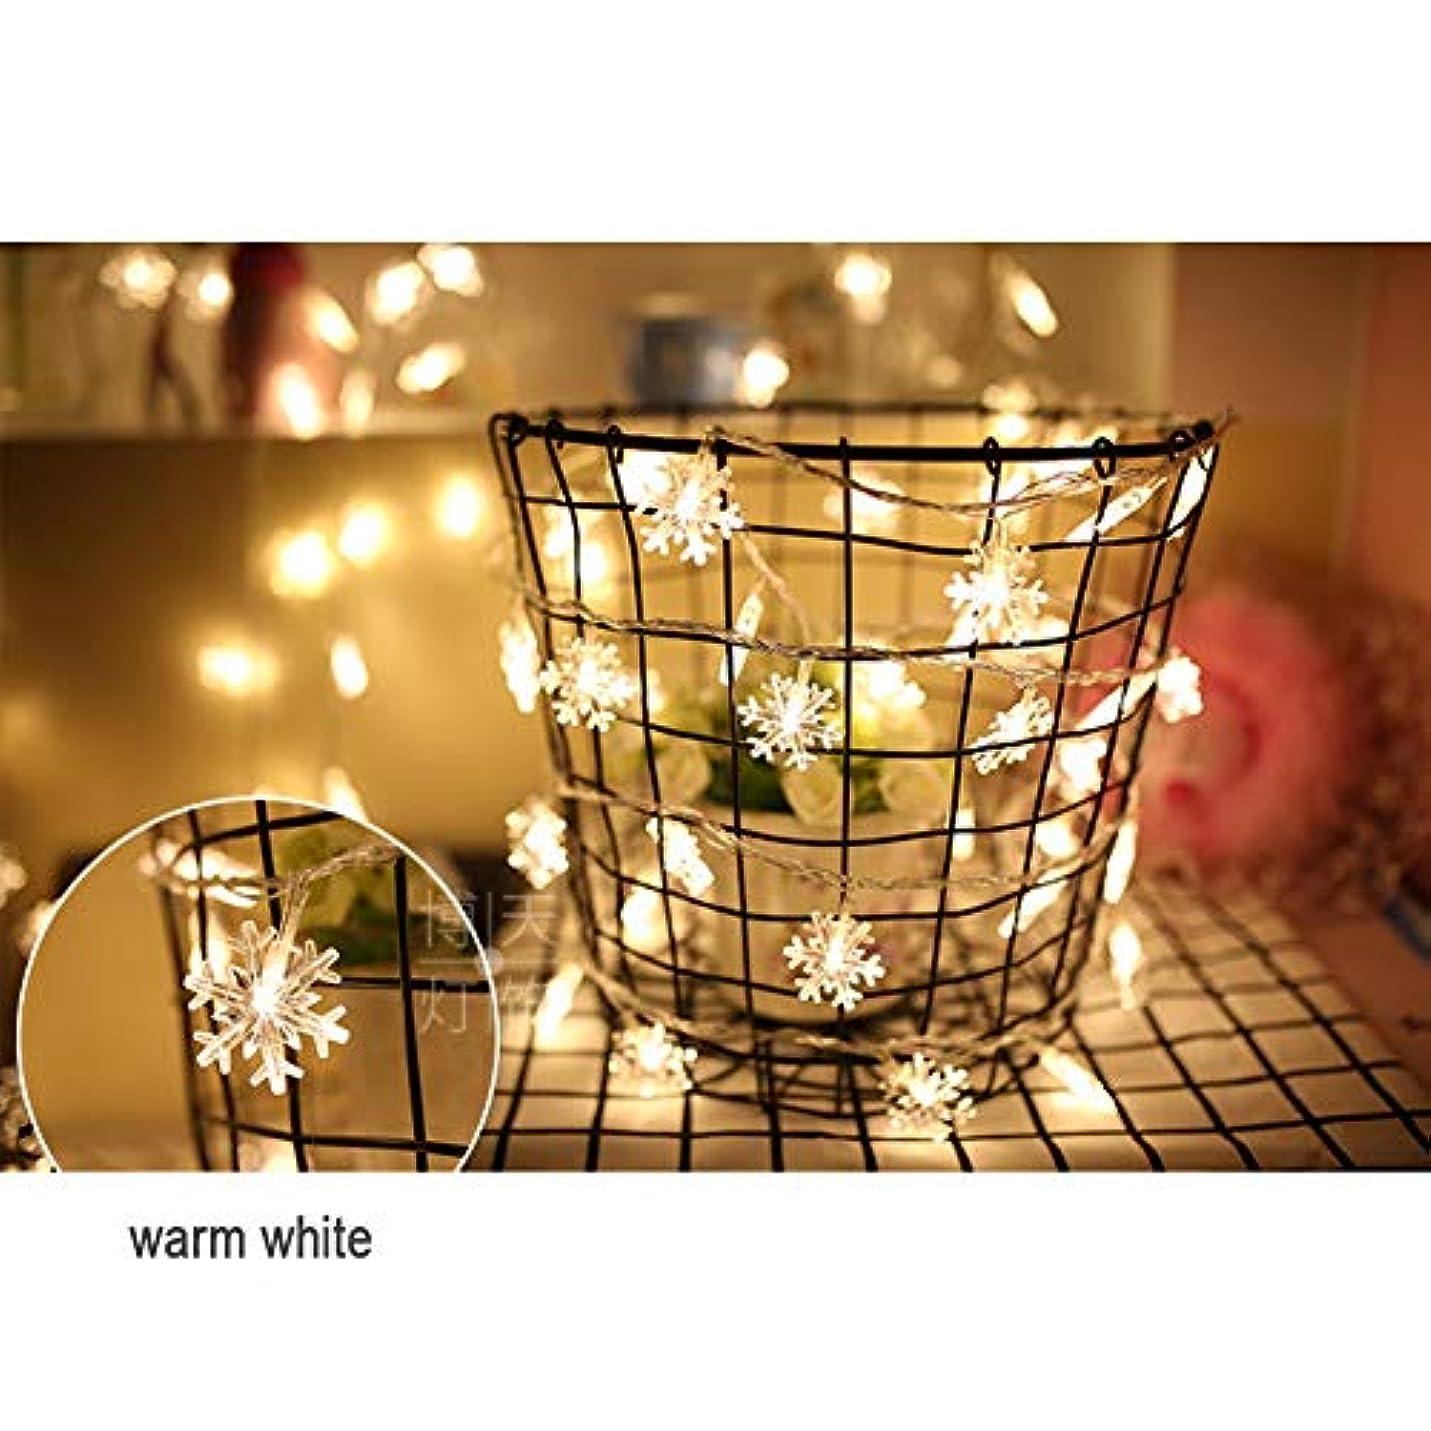 電気小間演劇電池式 ストリングライト - 防雨型 2 スノーフレークLEDイルミネ ーションライト ロマンチックな雰囲気を作る屋外用 ワイヤーライト イルミネーションライト、庭、パティオ、バルコニ、ークリスマス